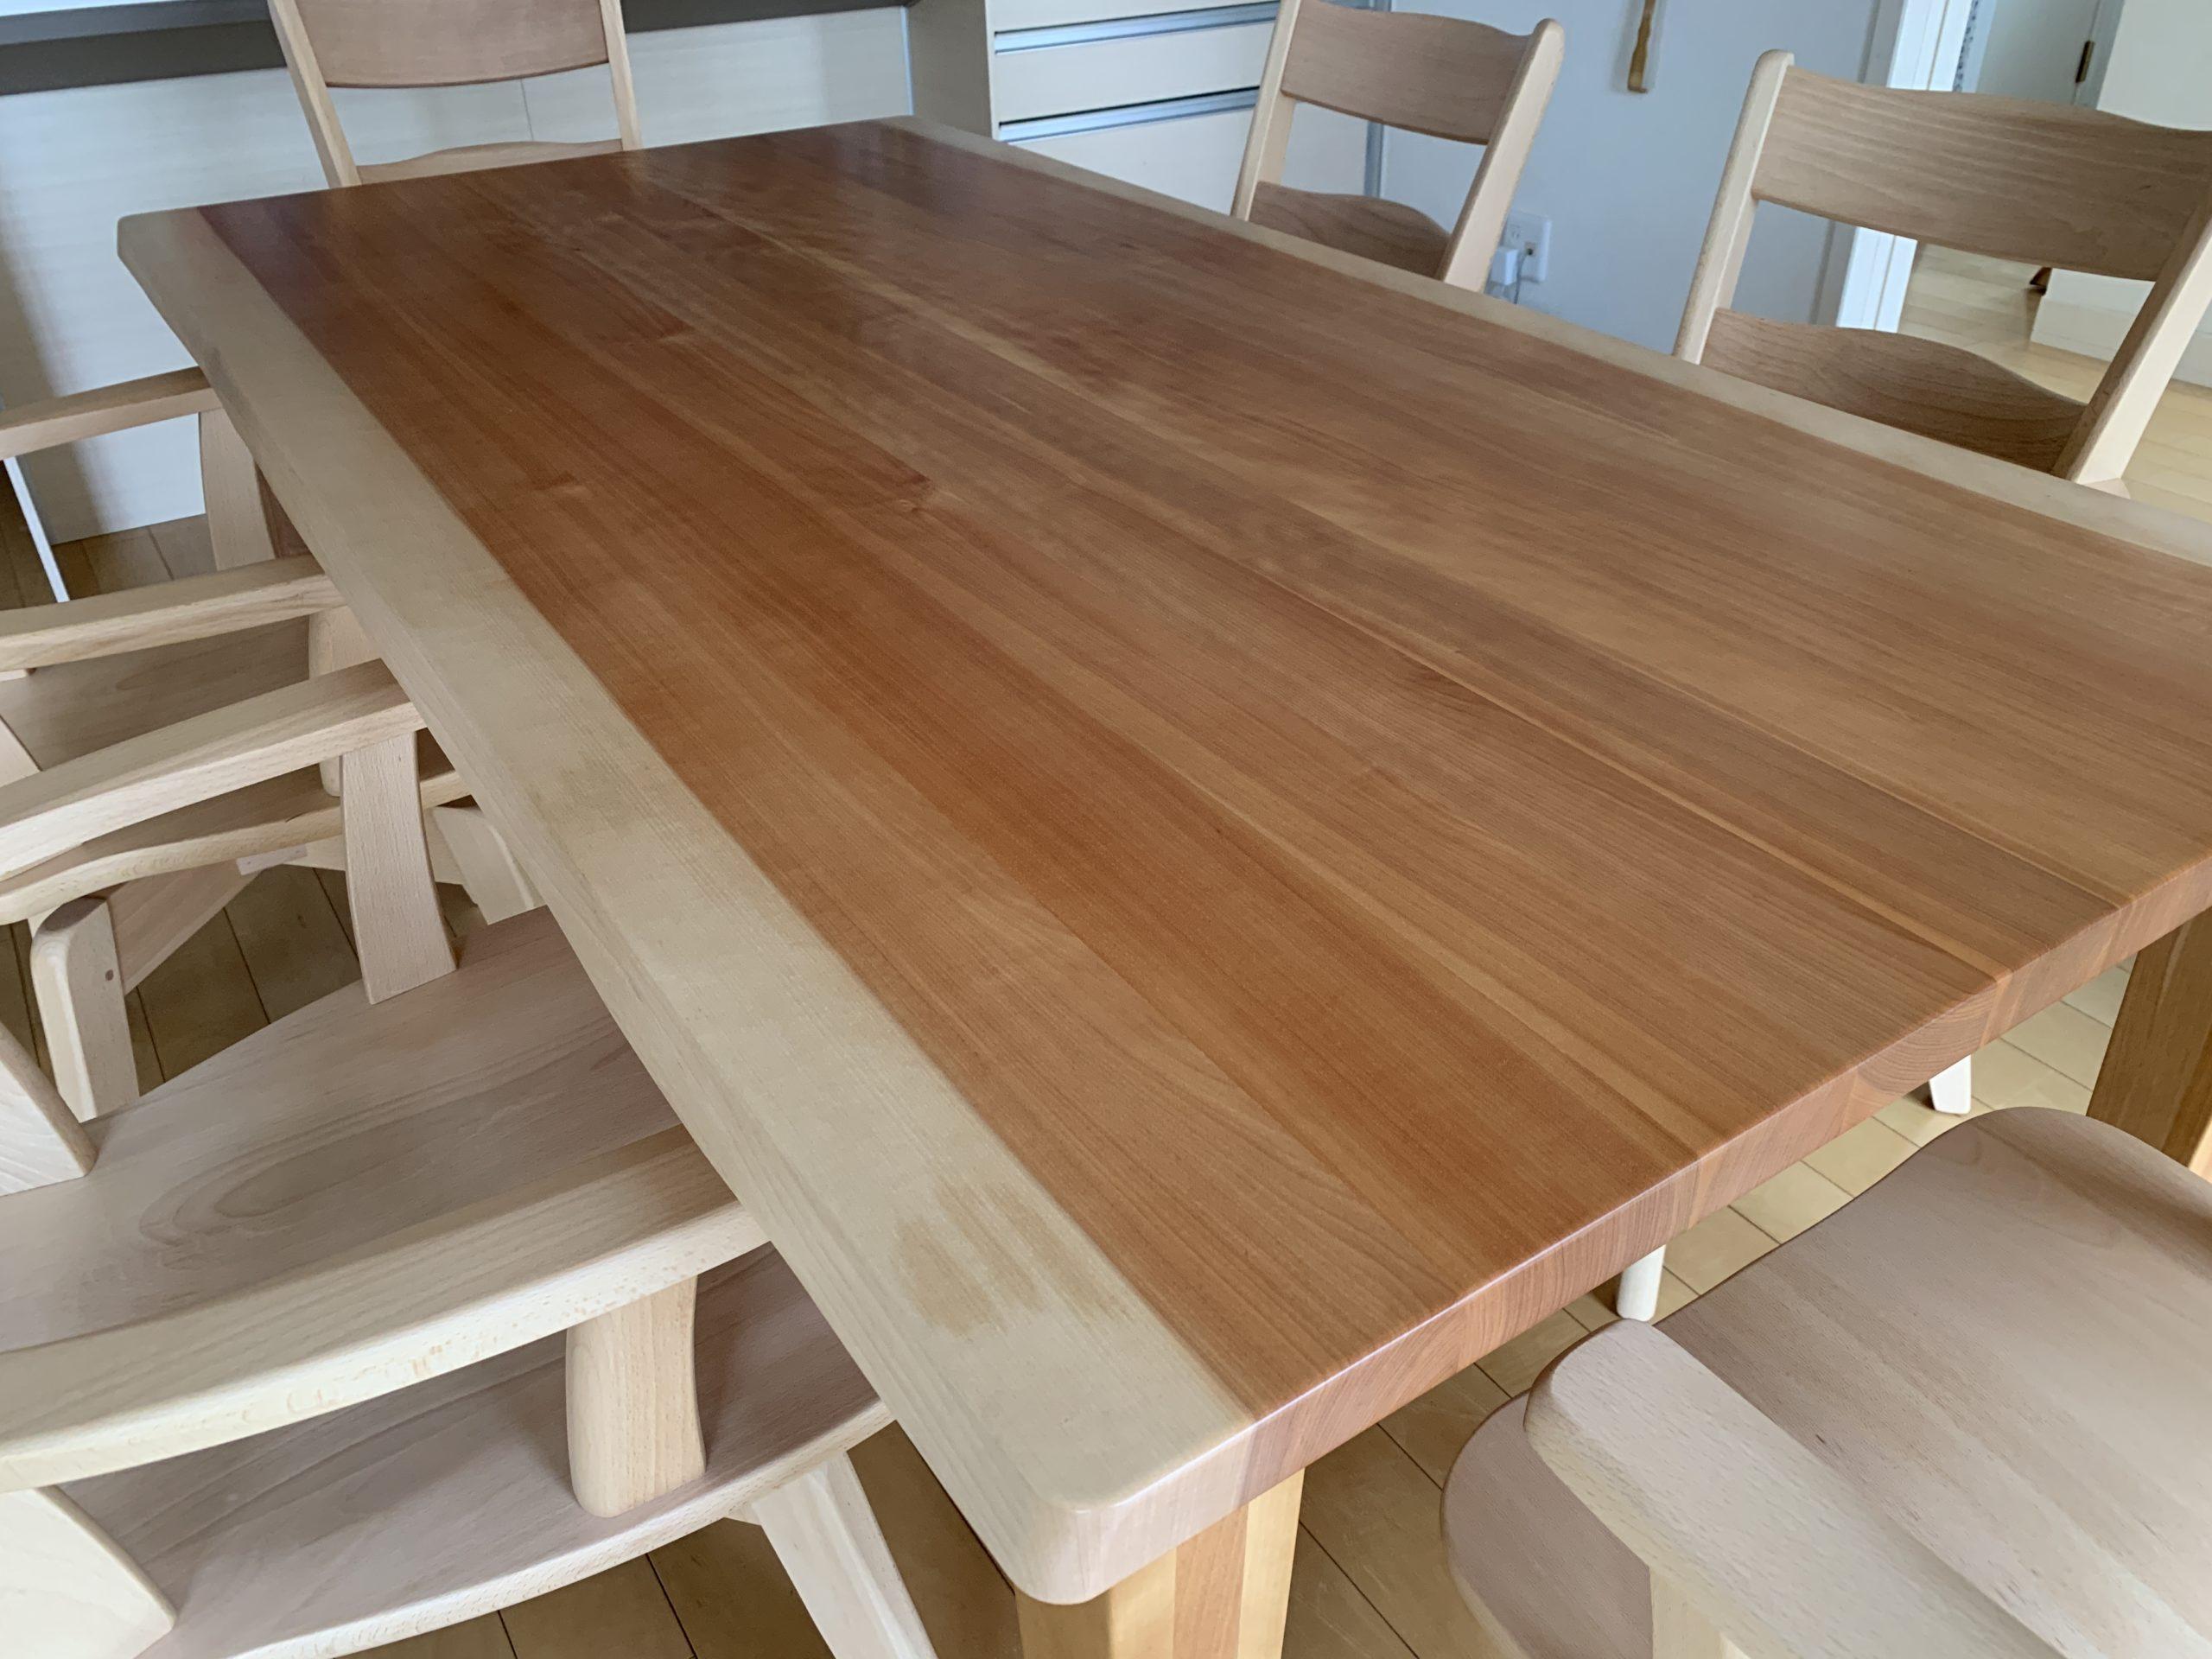 カバ桜ダイニングテーブル&ブナ材アームチェア